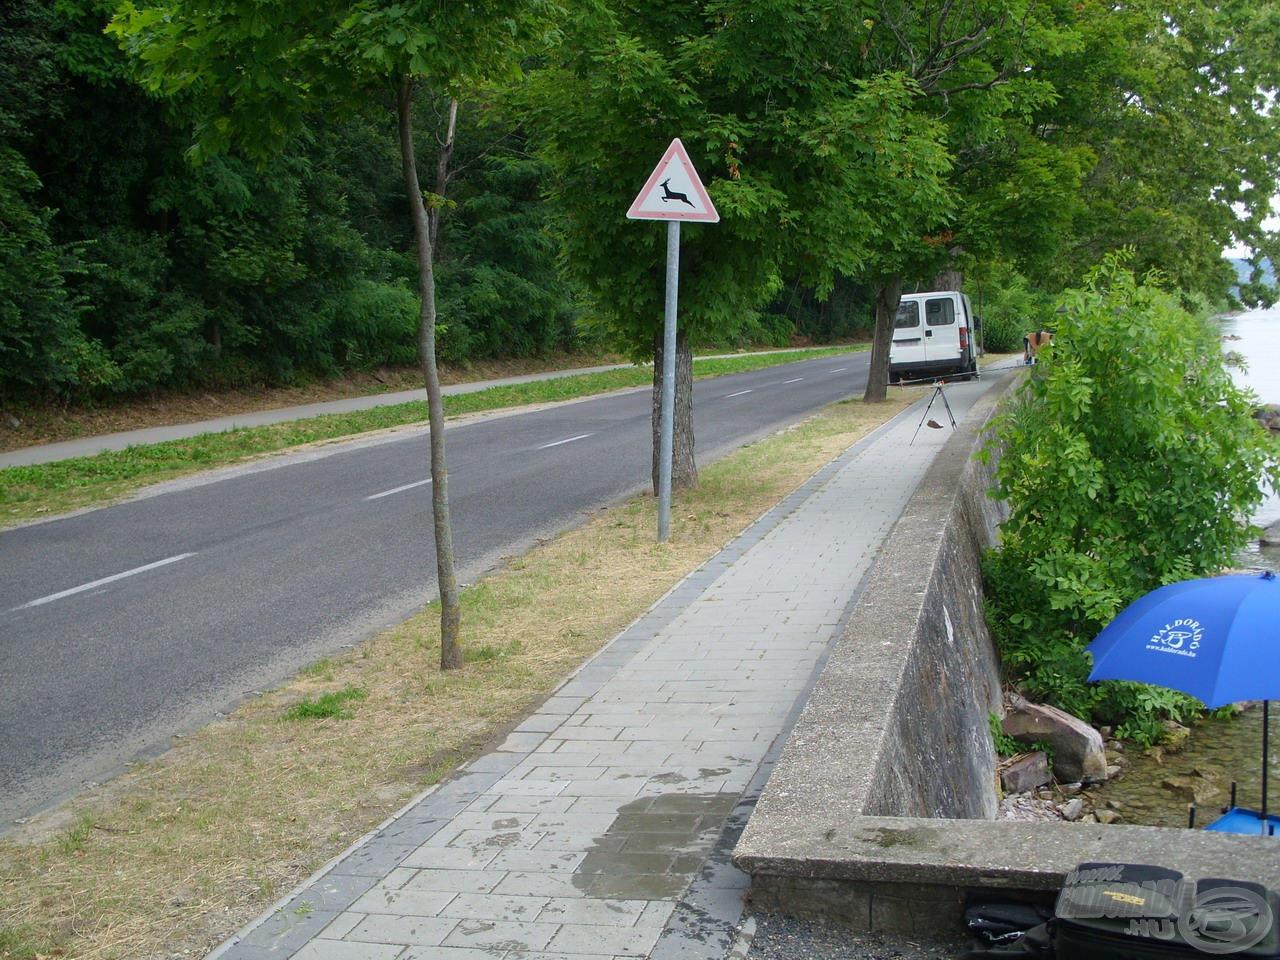 A kőbástyánk mögött álló fák terebélyes ágai, illetve a rendszeres kerékpár- és gépjárműforgalom számomra ellehetetlenítette a zavartalan horgászatot, ezért váratlan megoldáshoz kellett folyamodnom…